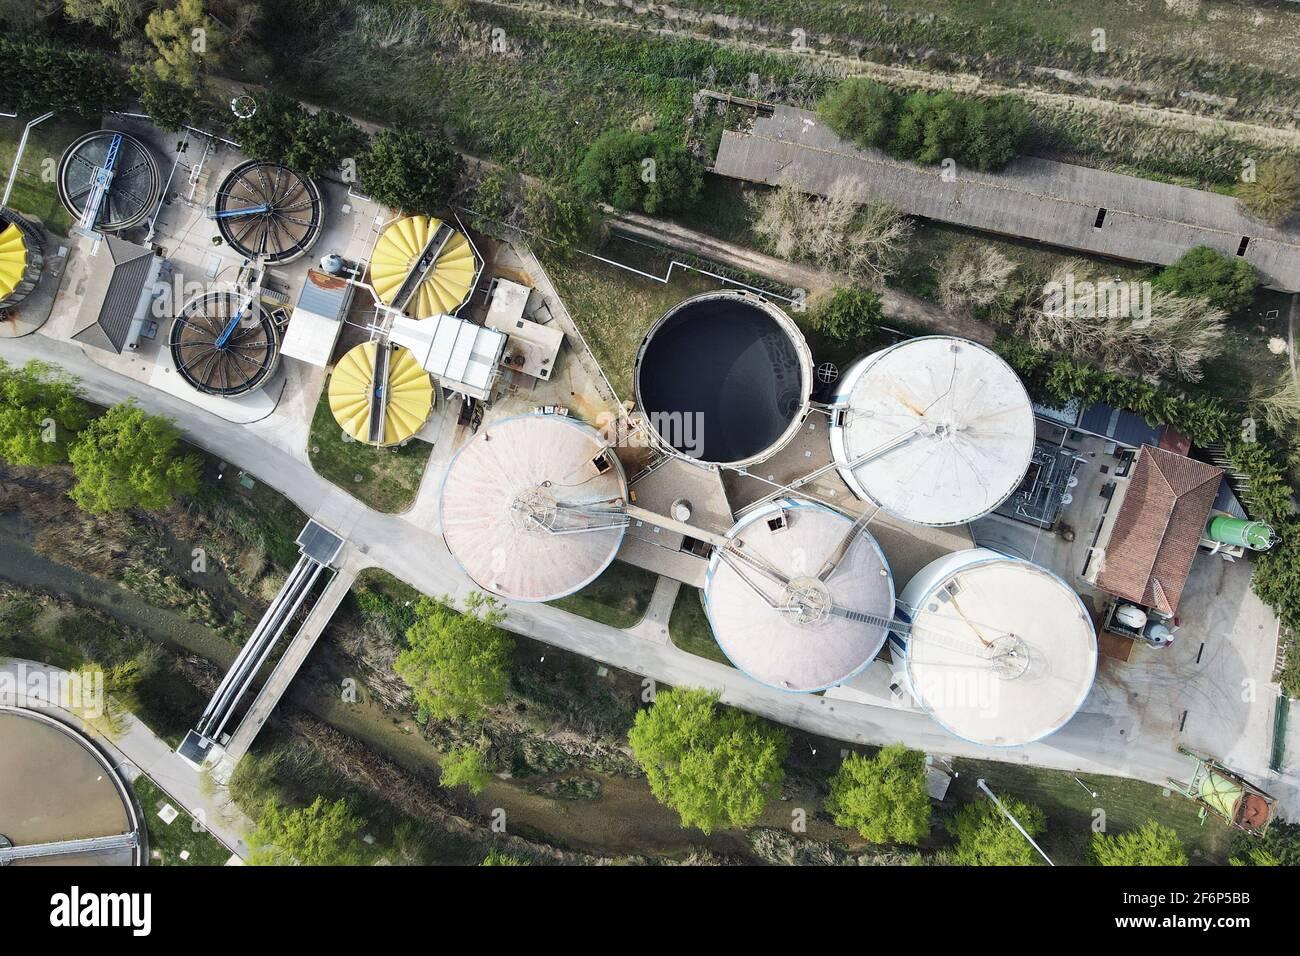 Vista aérea de tuberías y tanques de fábrica industrial. Foto de alta calidad Foto de stock